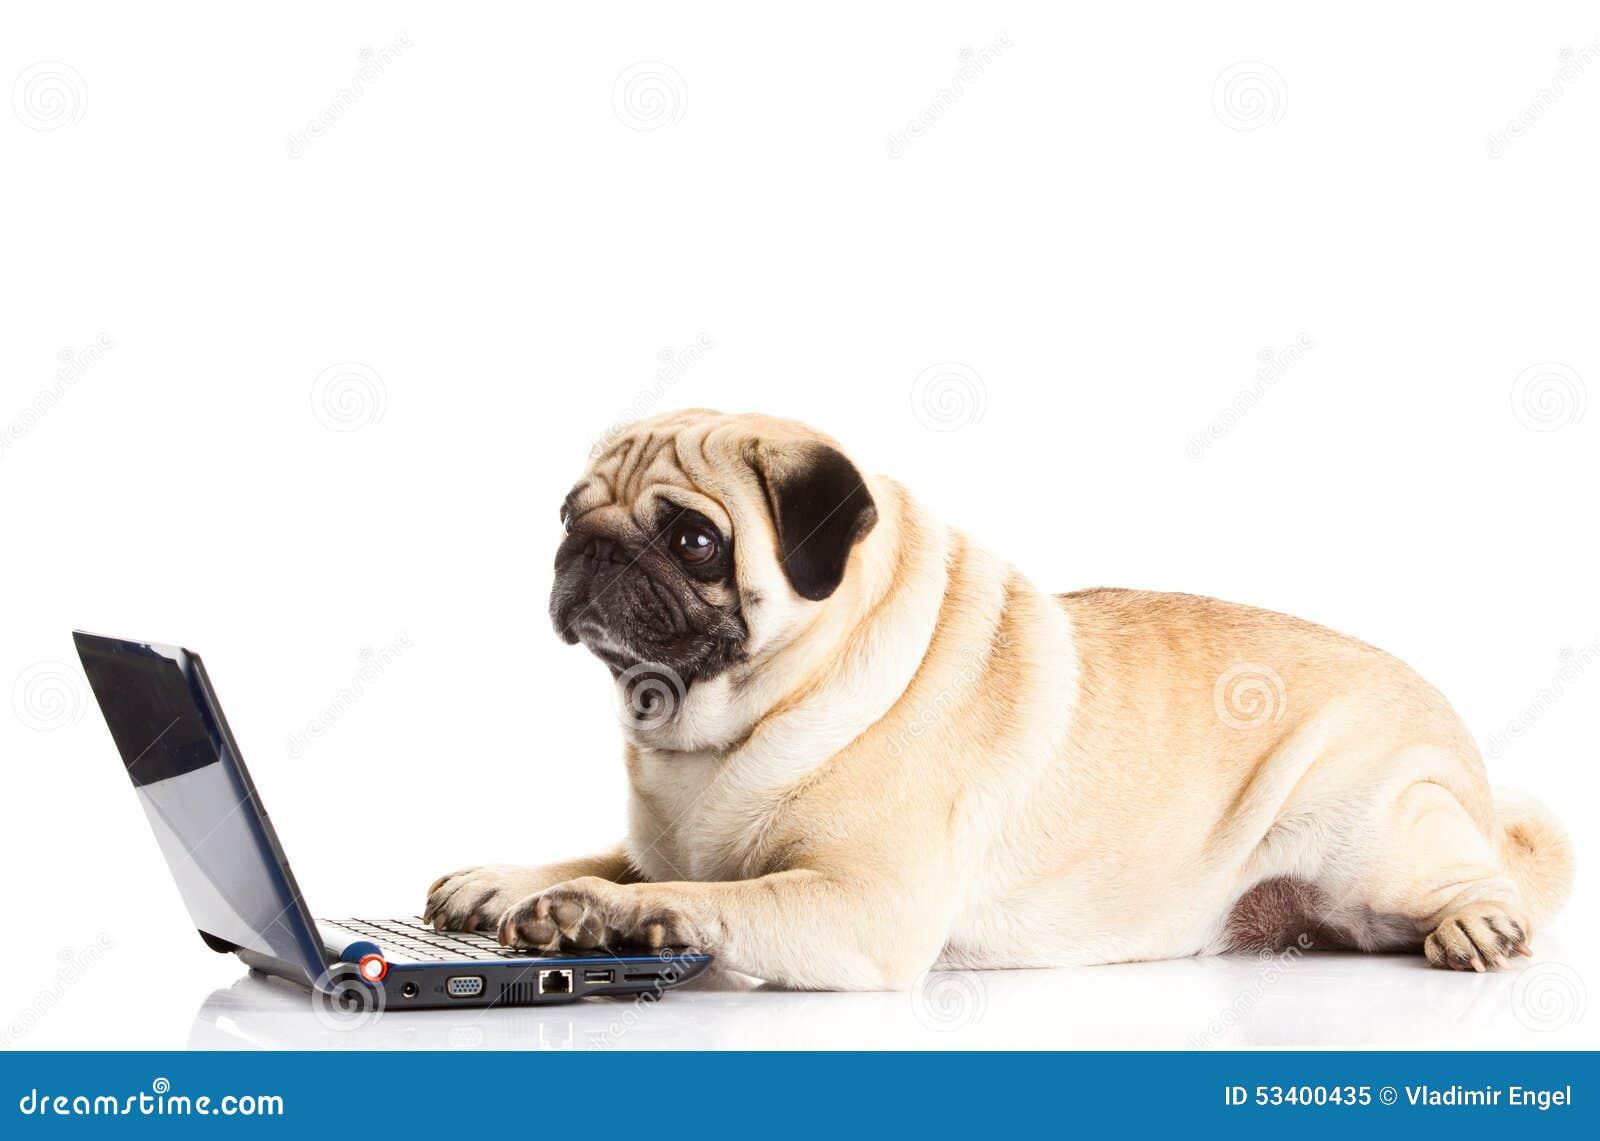 Dog Pugdog Computer Isolated On White Background Stock